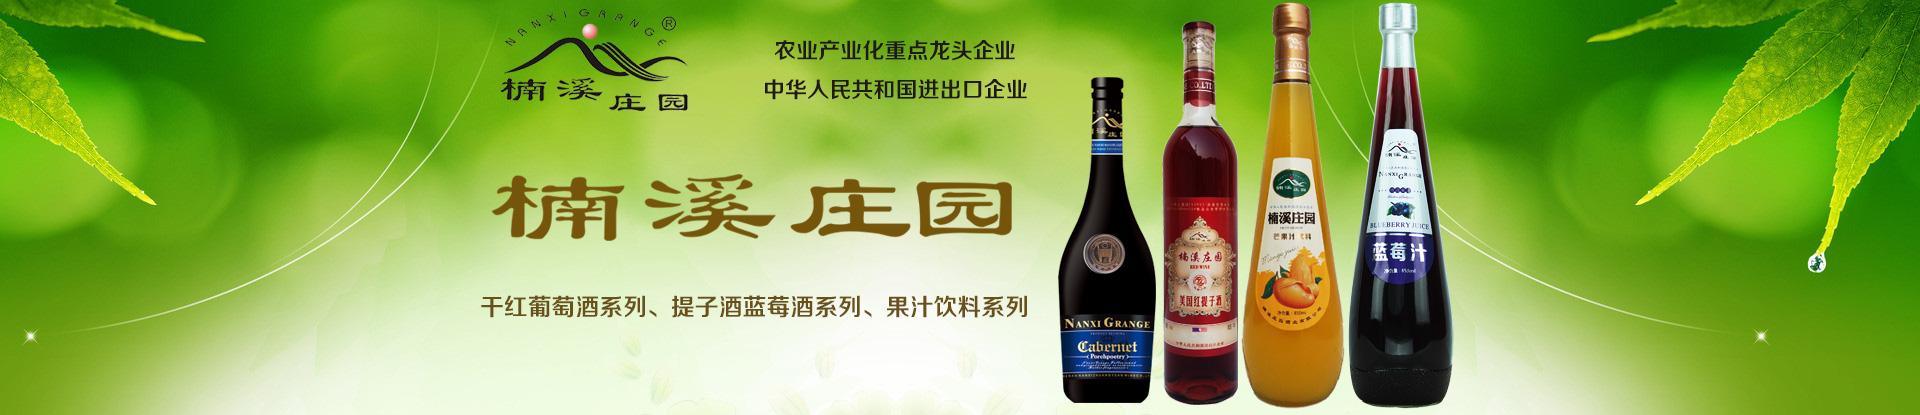 开封楠溪庄园酒业有限公司